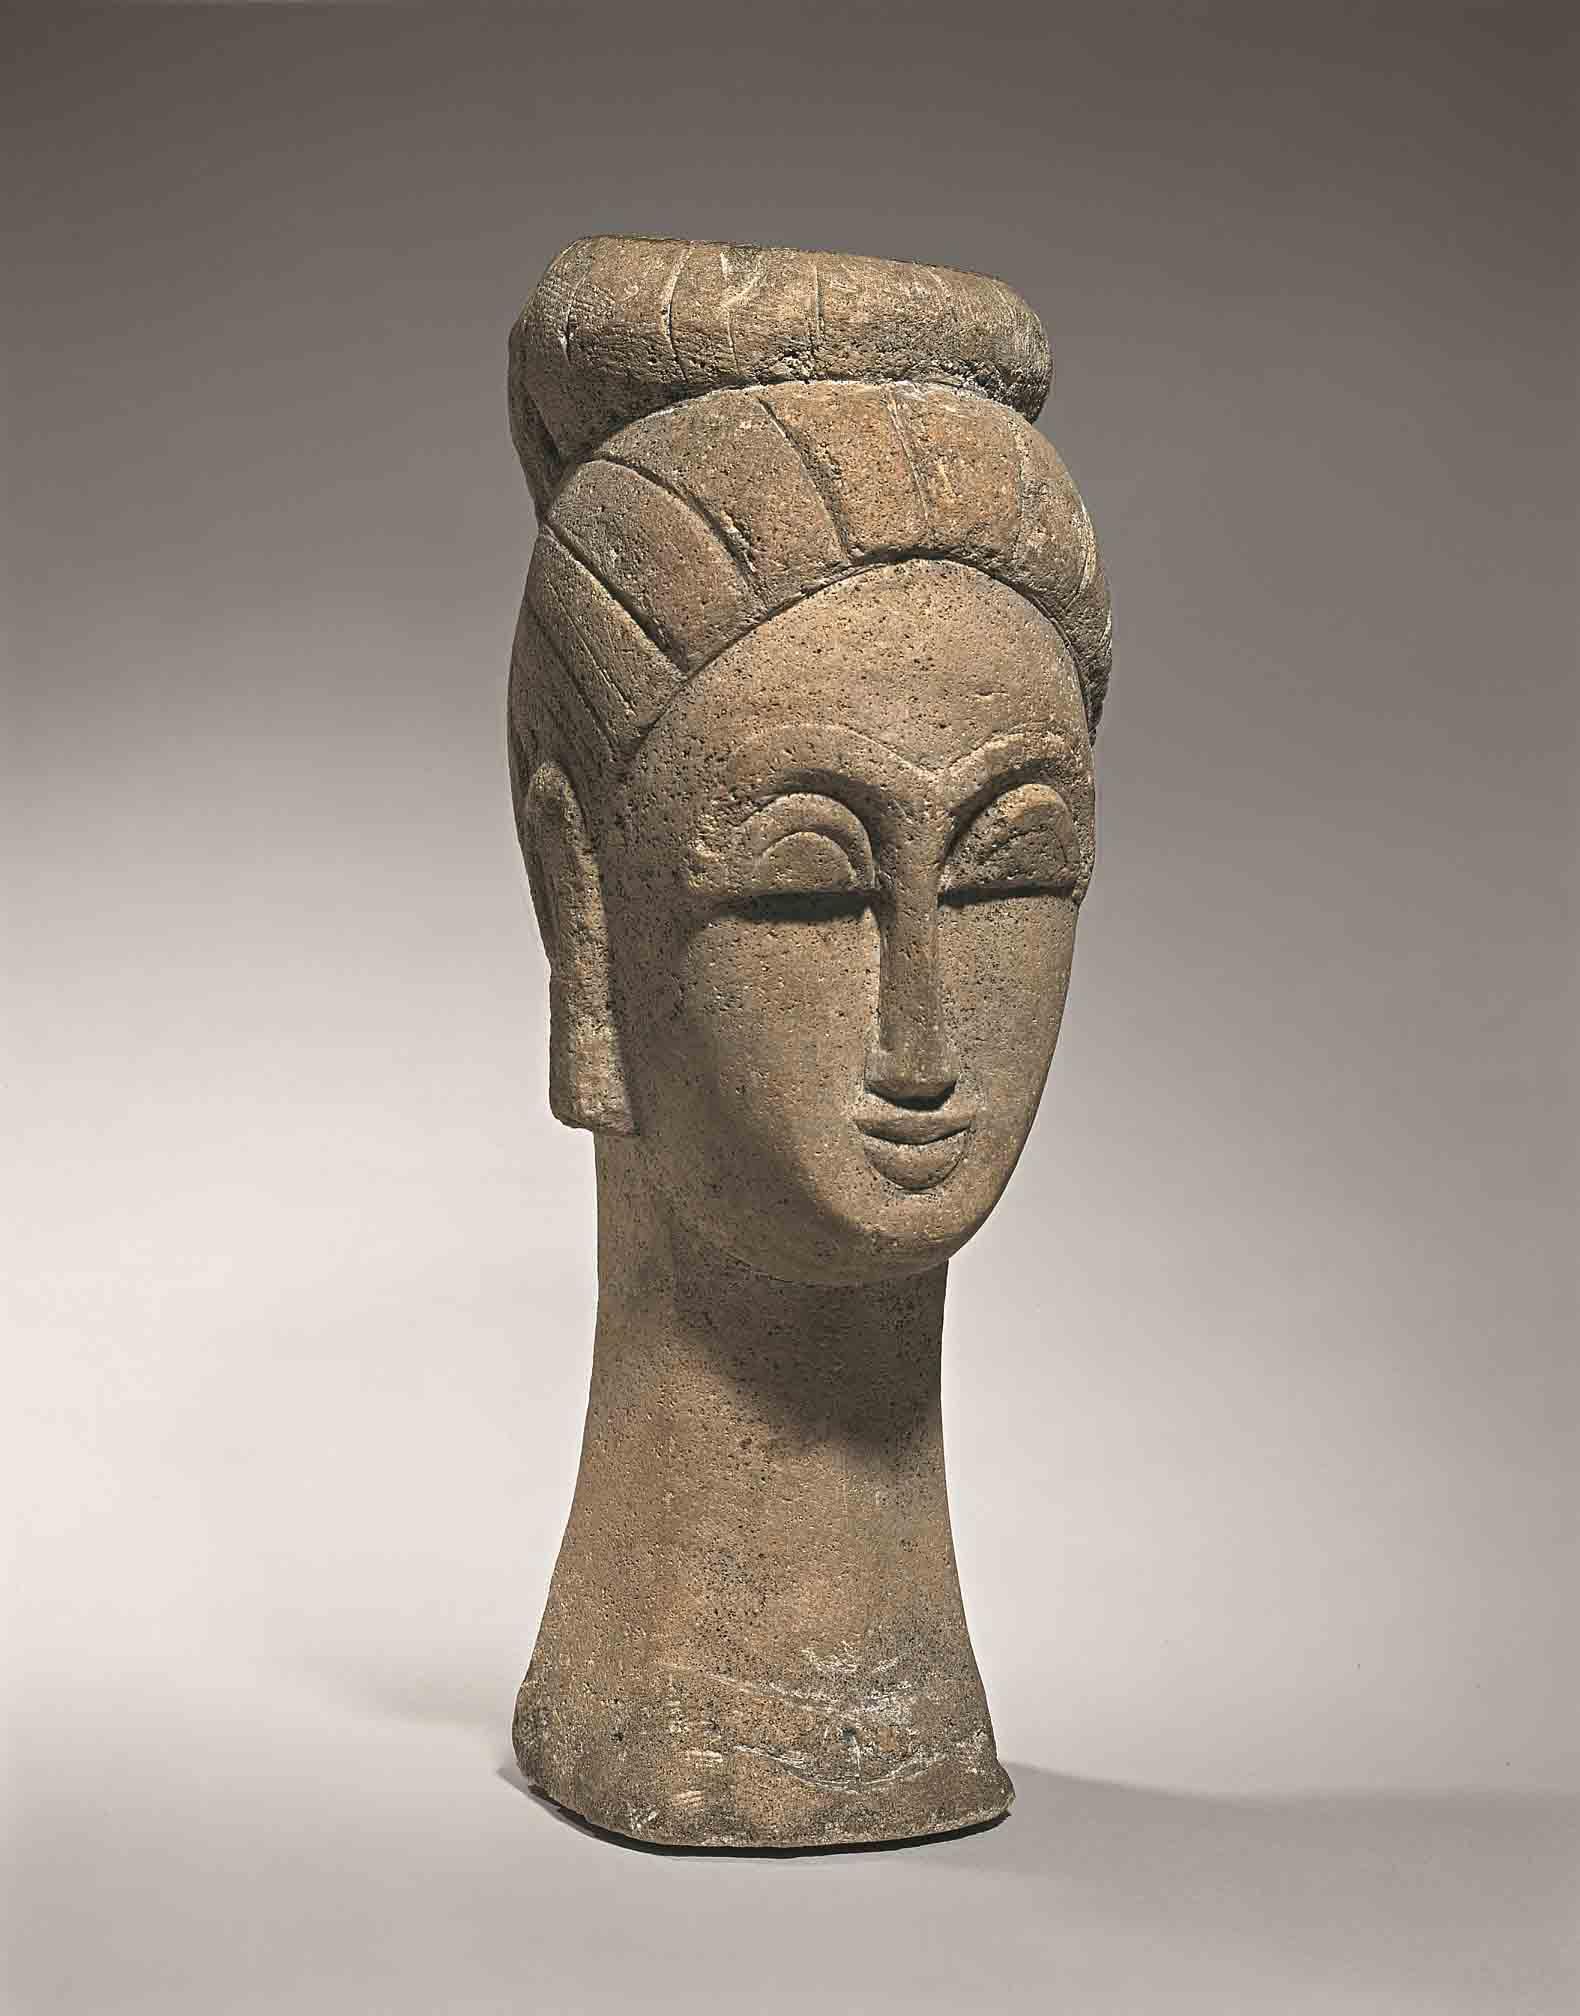 Woman's Head (With Chignon), 1911-12